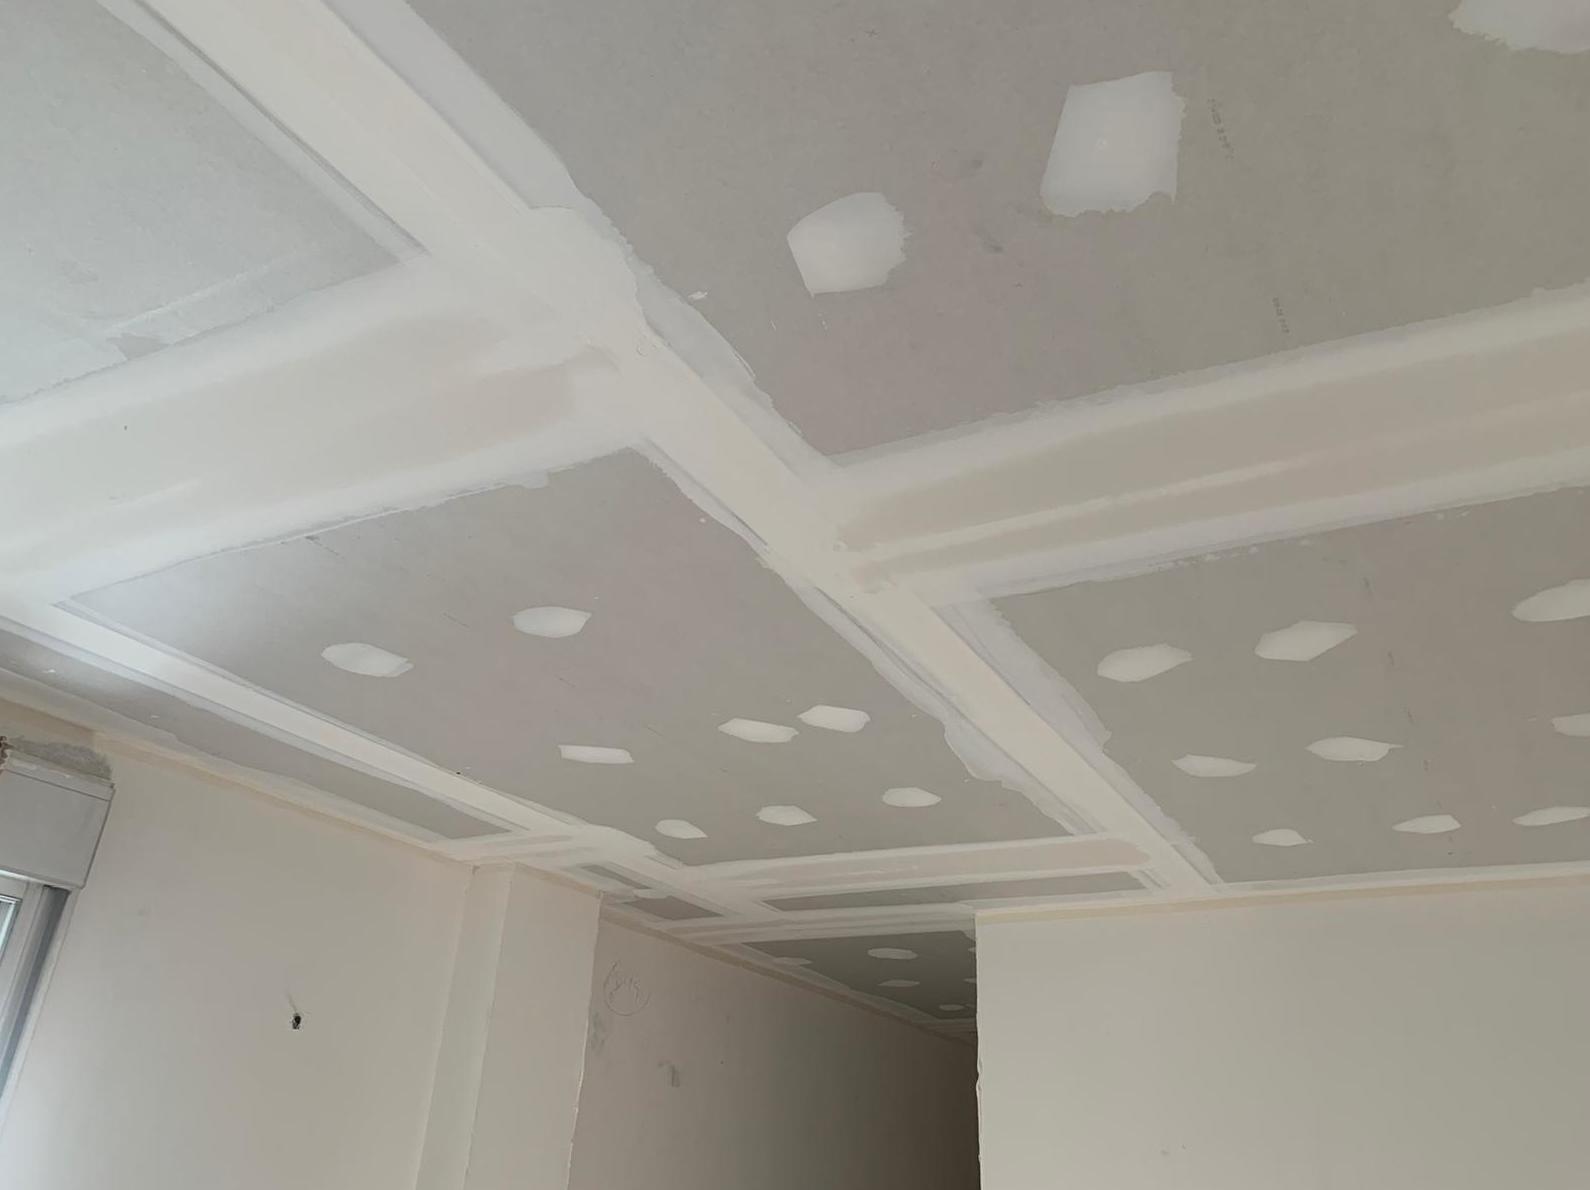 Falsos techos de pladur en las Rozas